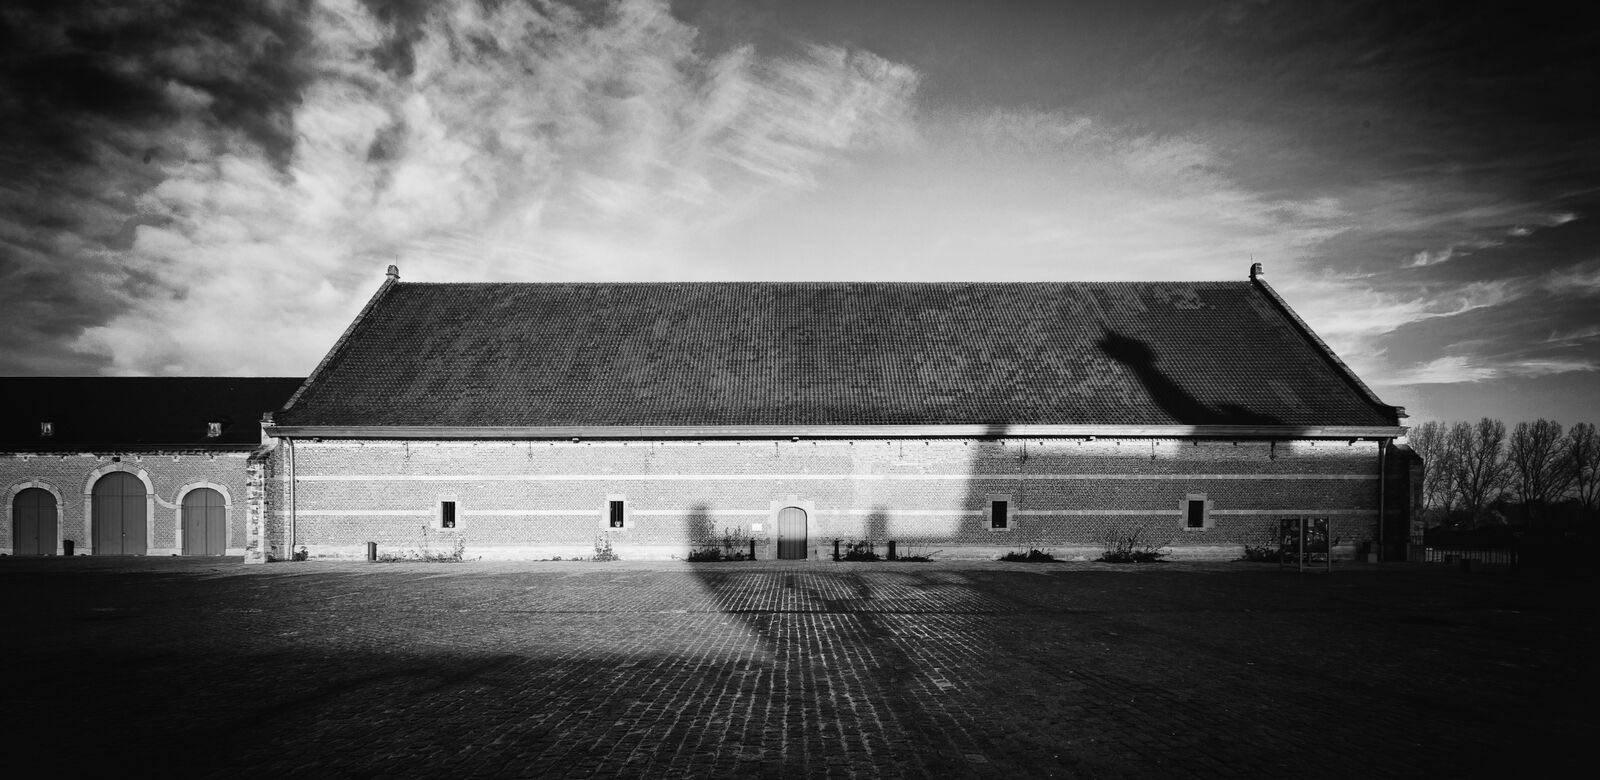 Tiendschuur - Feestzaal Hasselt - House of Weddings - 1